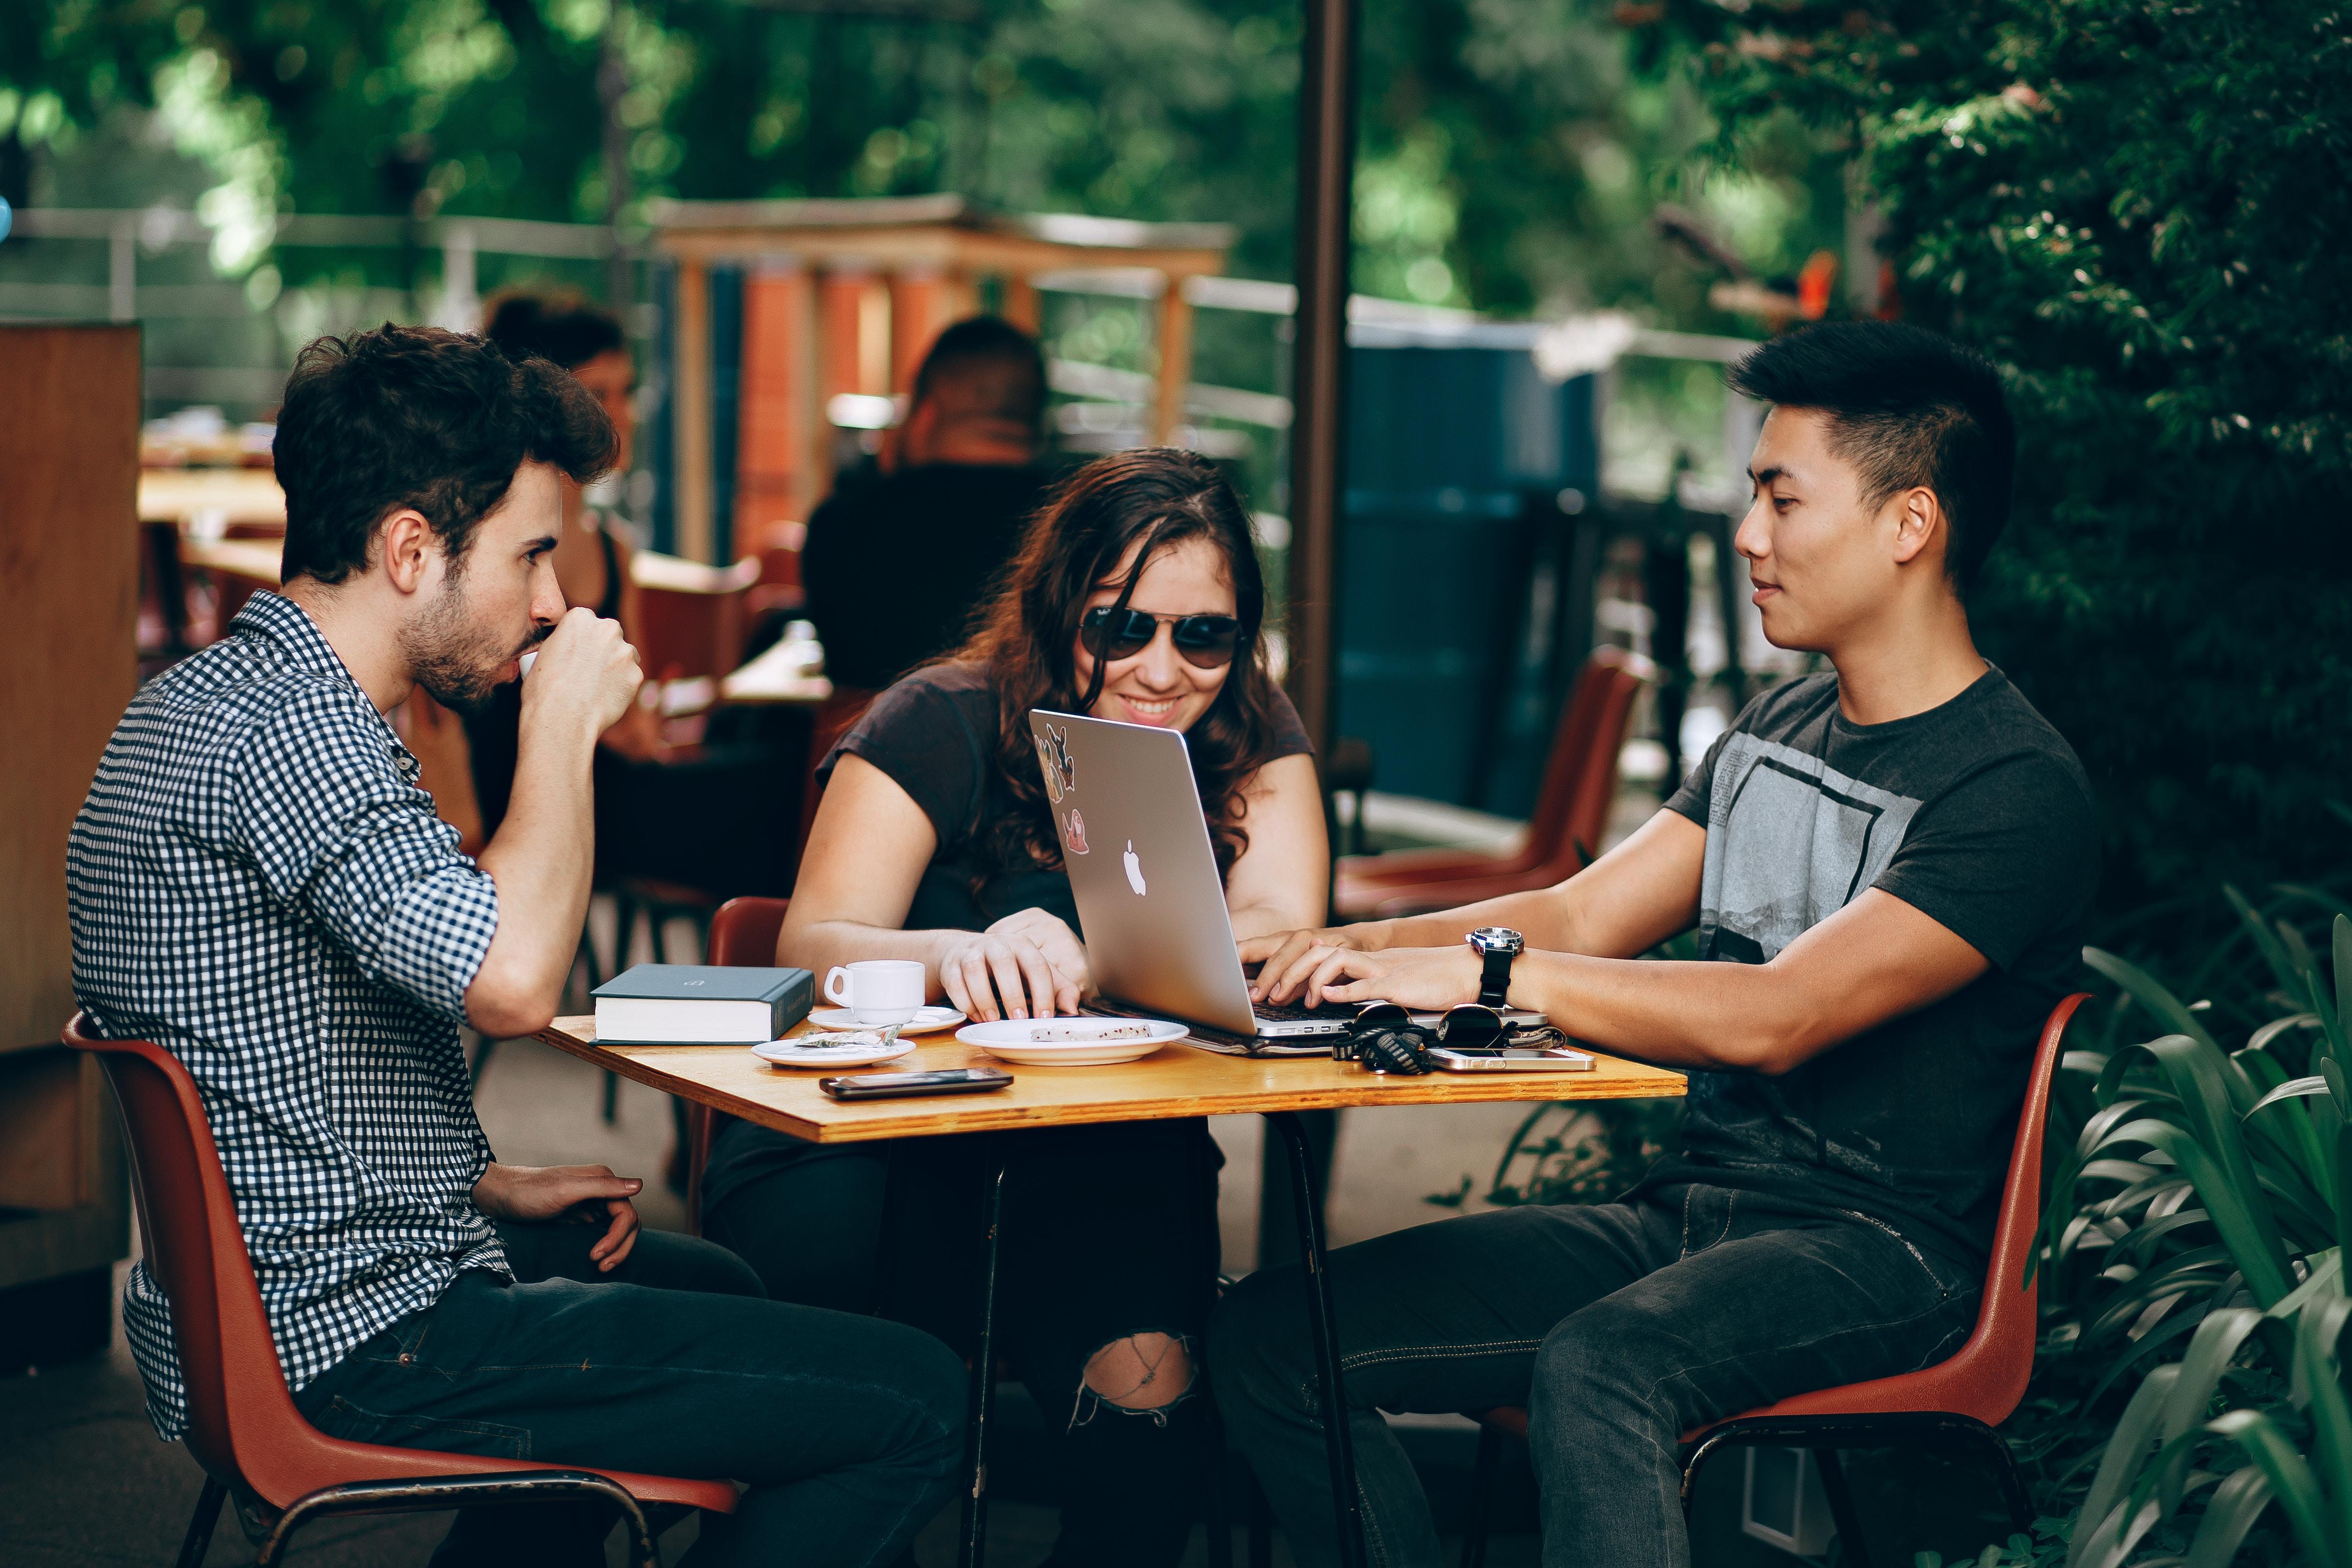 Aumenta tu red de contactos, otro beneficio de trabajar en el extranjero